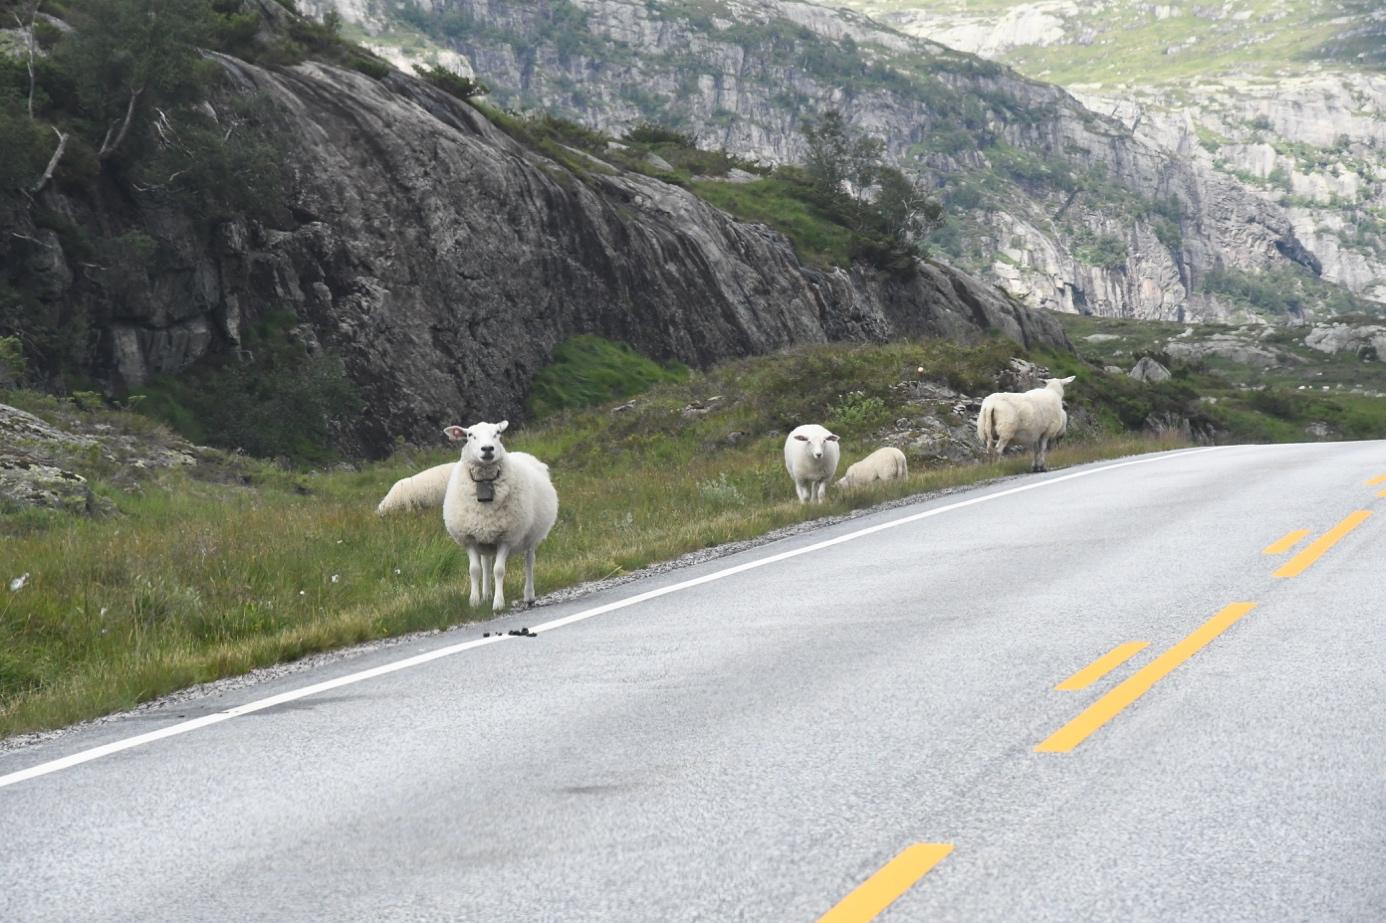 Et bilde som inneholder bilvei, utendørs, fjell, gress  Automatisk generert beskrivelse